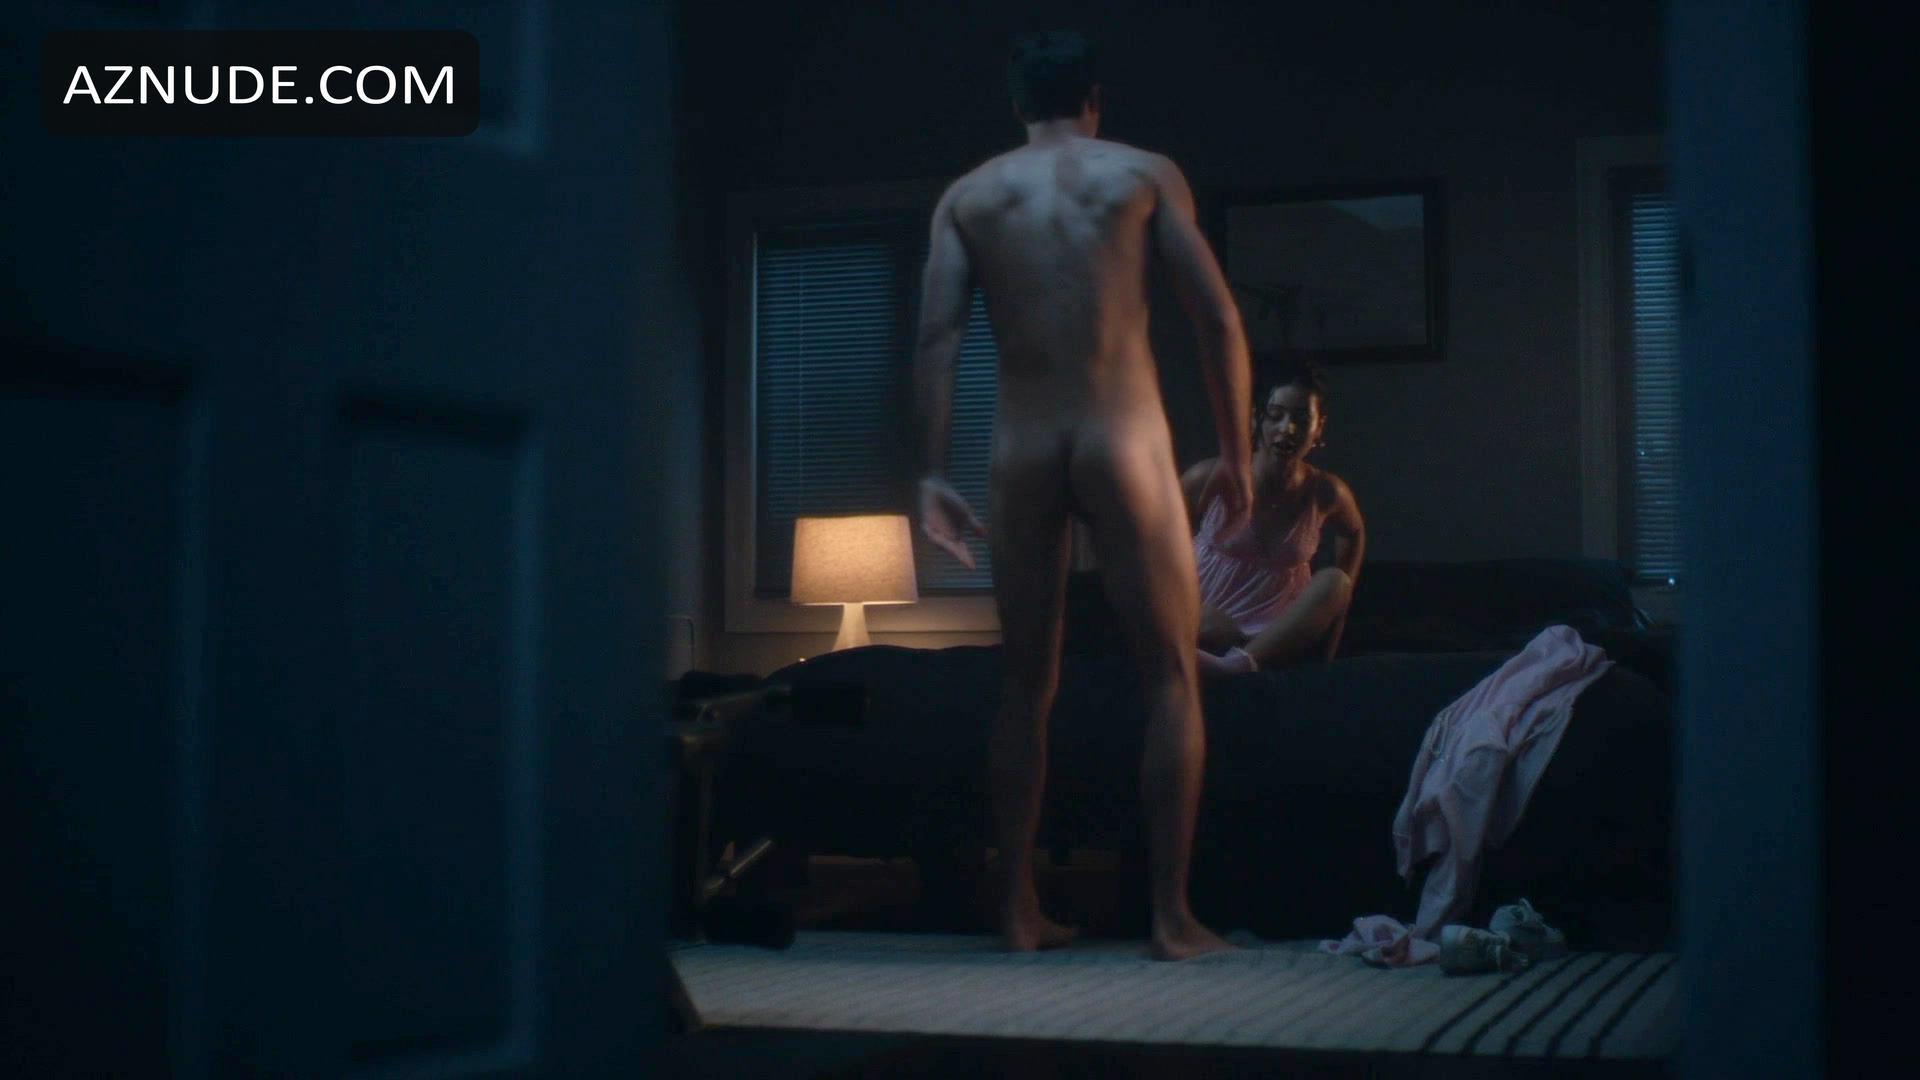 Jacob Elordi Naked